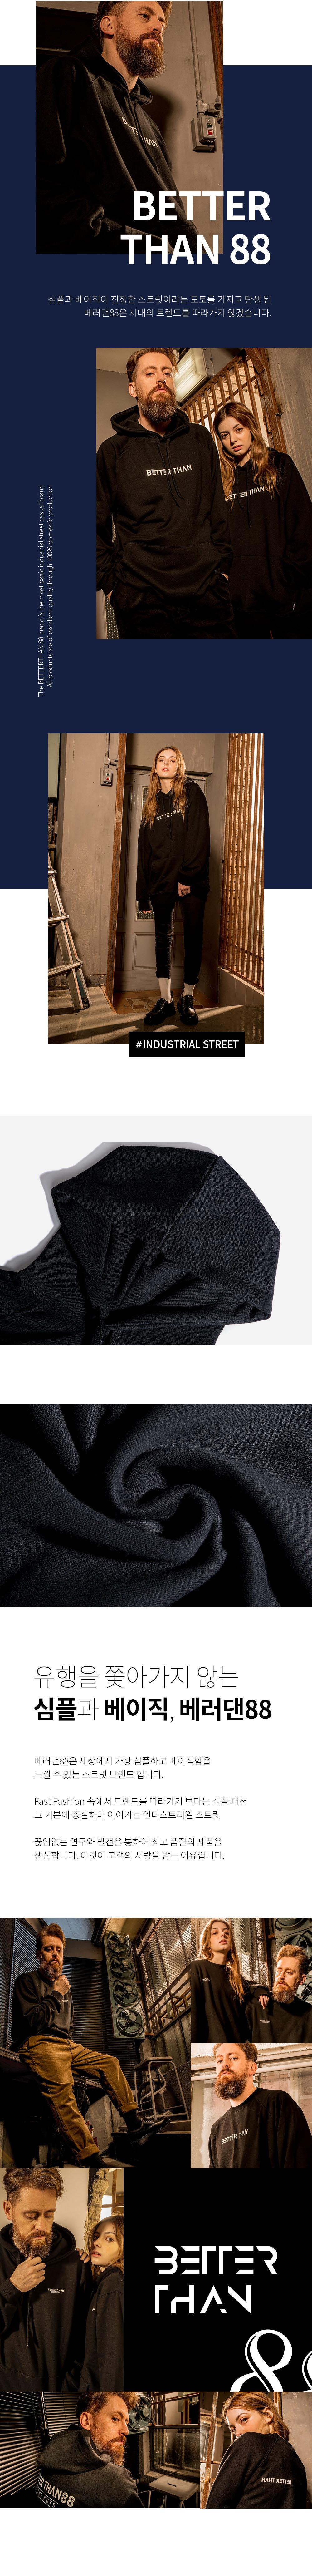 [베러댄88] W2091BB 칼스베드 오버핏 후드티 우먼 밴타블랙